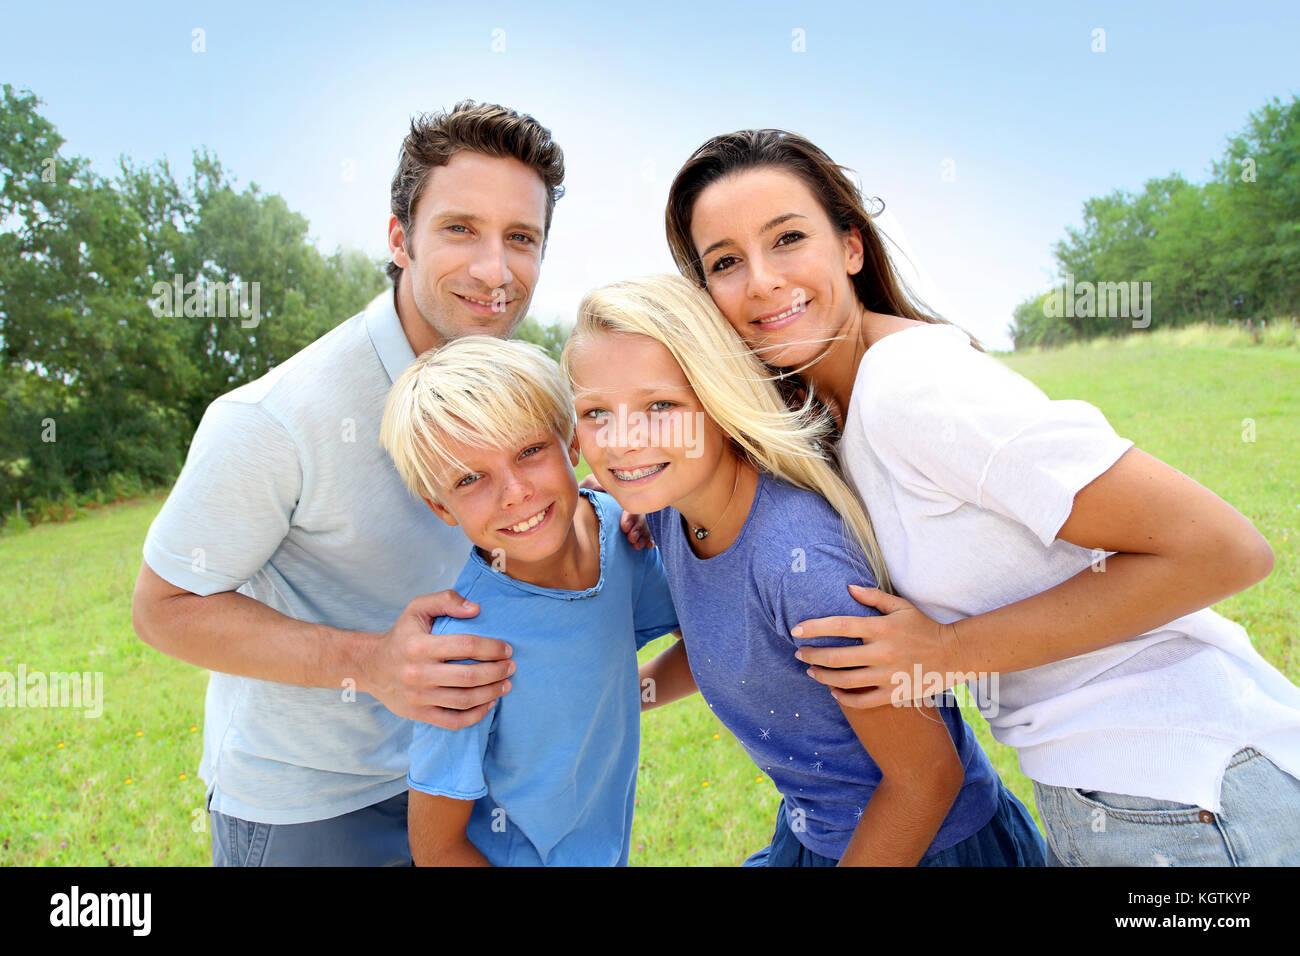 Ritratto fo famiglia felice in piedi in un paesaggio naturale Immagini Stock